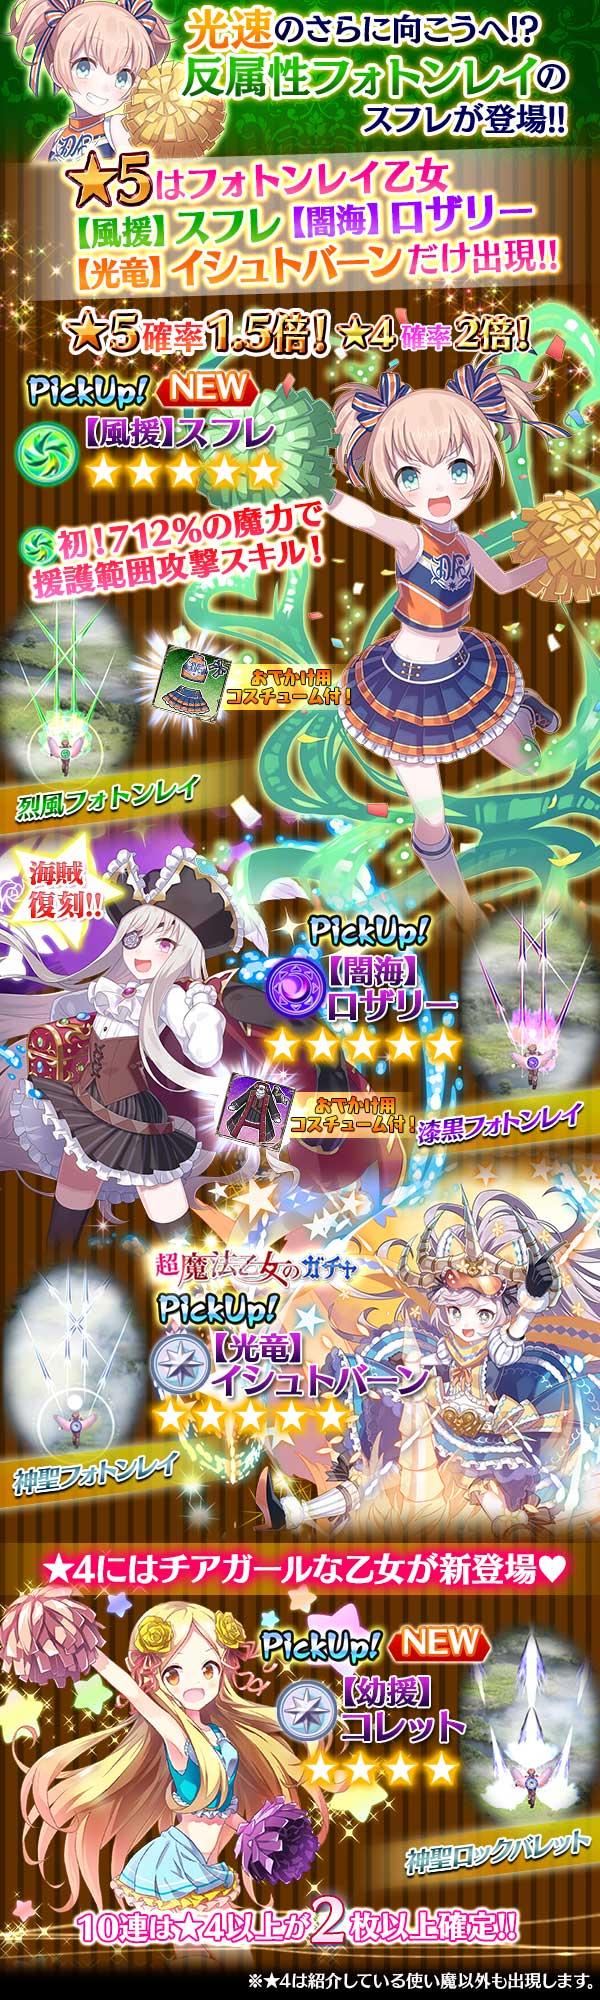 【フォトンレイ祭り!!】きゅんきゅん☆チアガールガチャ